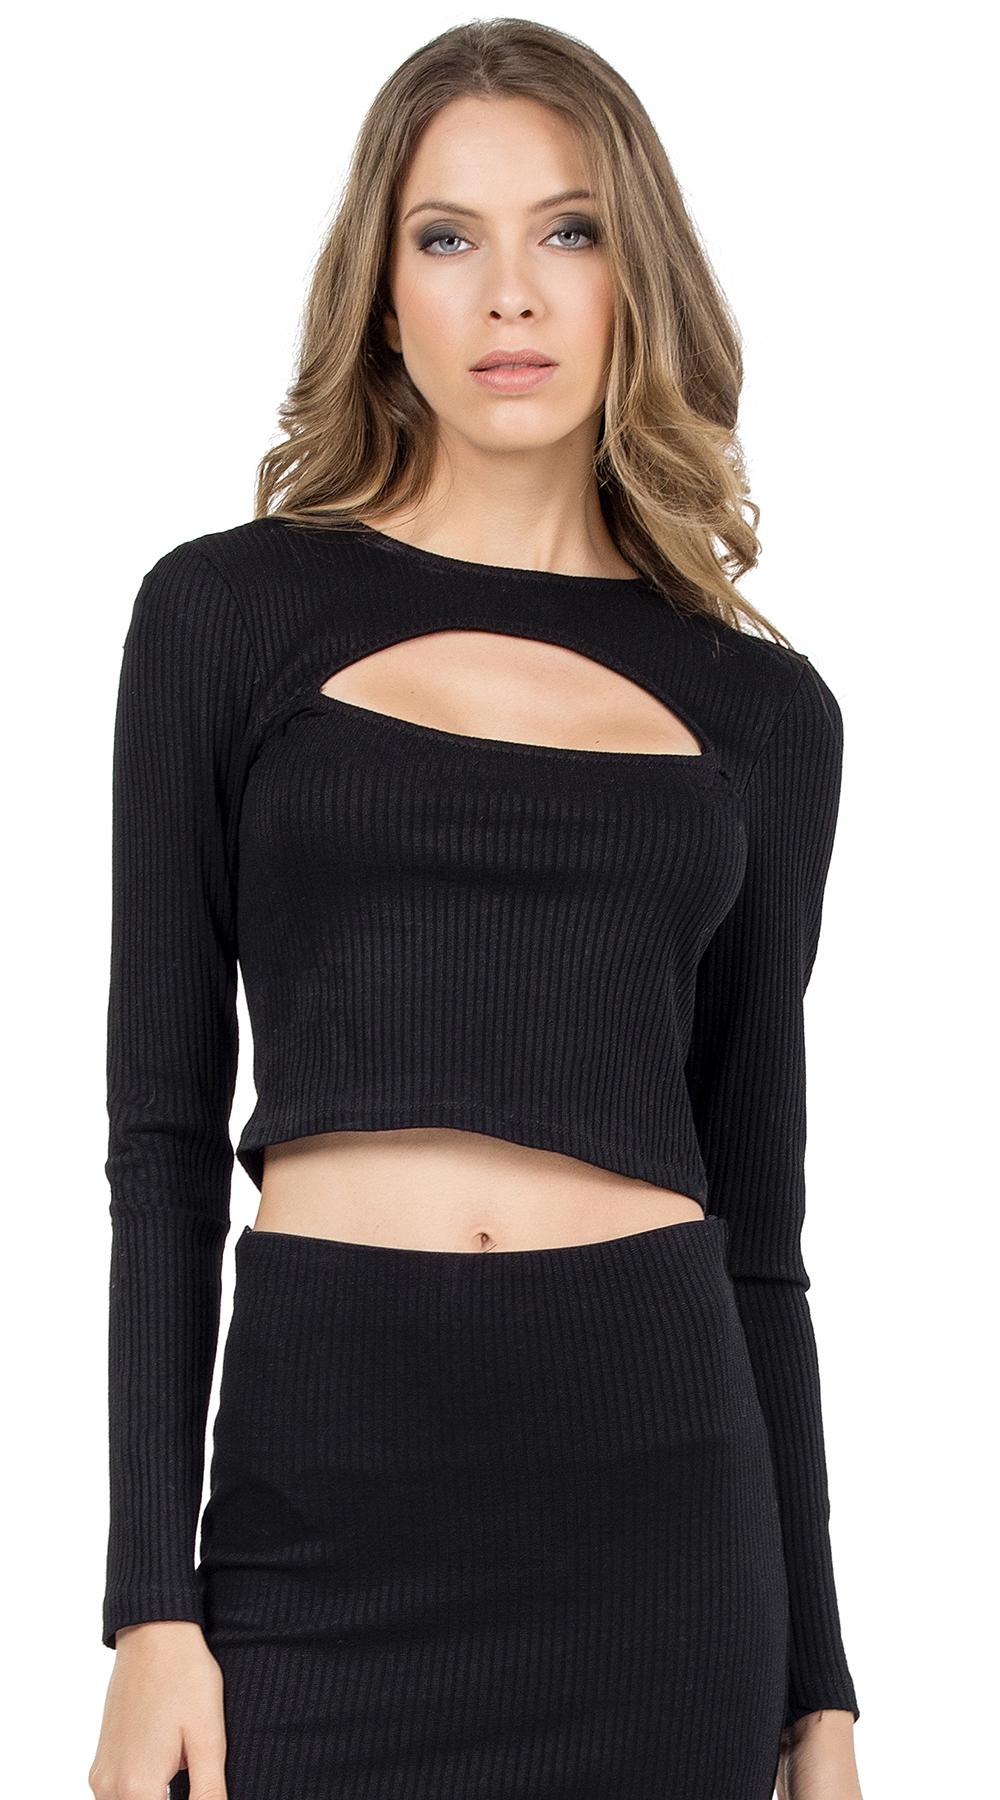 Γυναικείο crop τοπ μακρυμάνικο με cut out στο μπούστο Online - ONLINE - FA17ON-1 μπλούζες   t shirts elegant tops